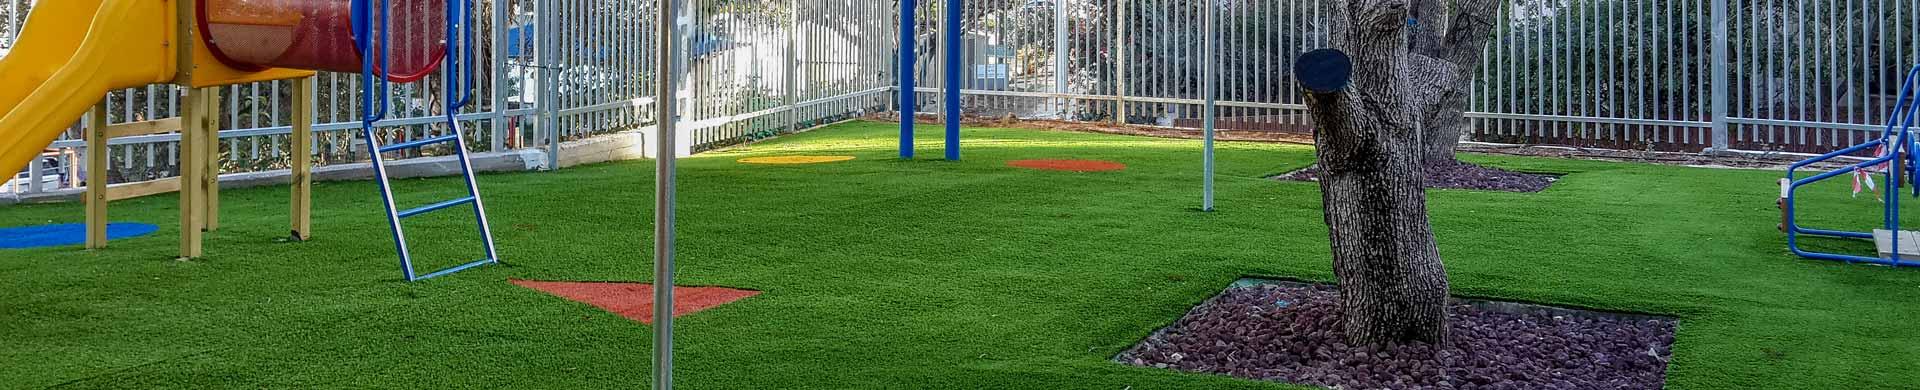 דשא סינתטטי לגני ילדים